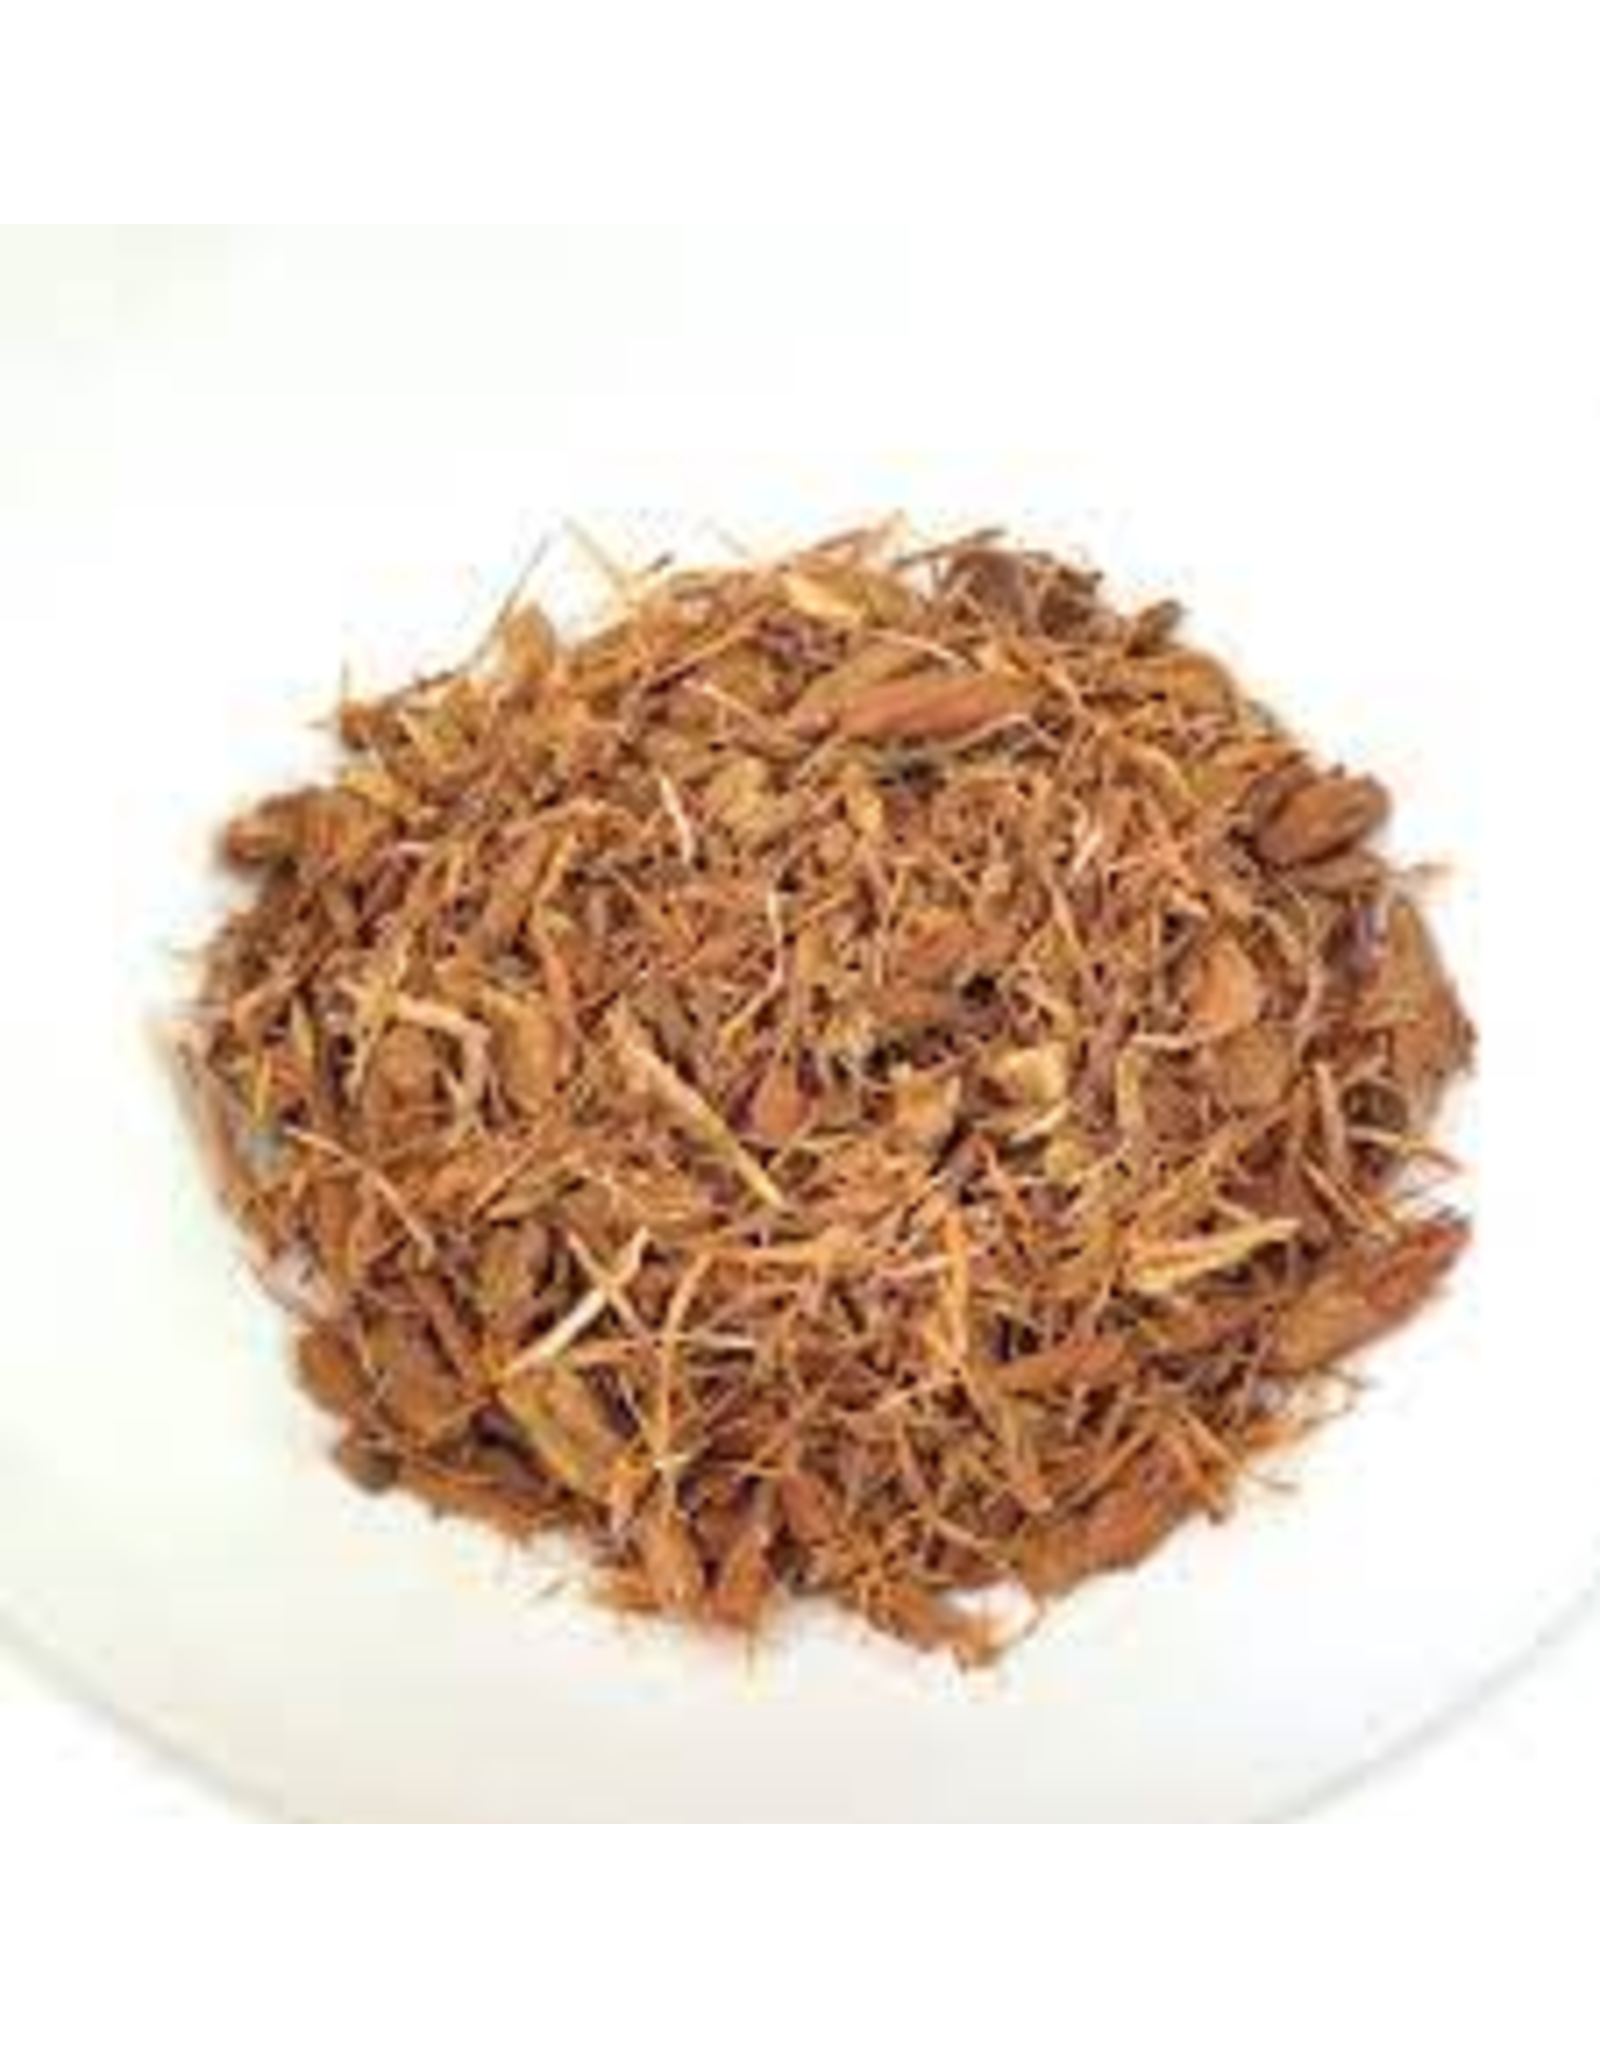 White Oak Bark herb 1 oz